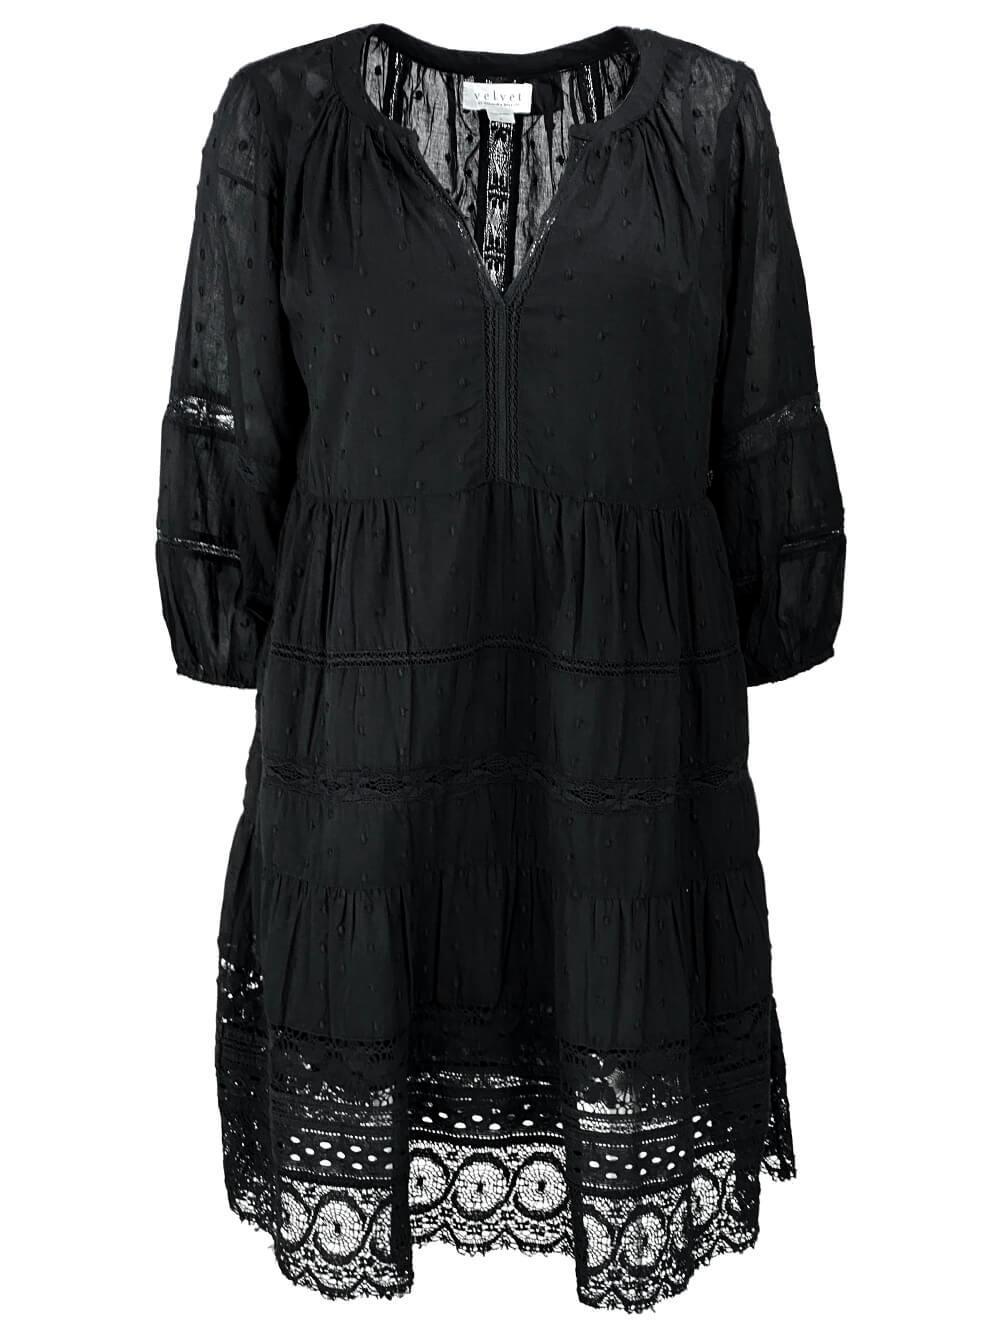 Dorothy Dress Item # DOROTHY04